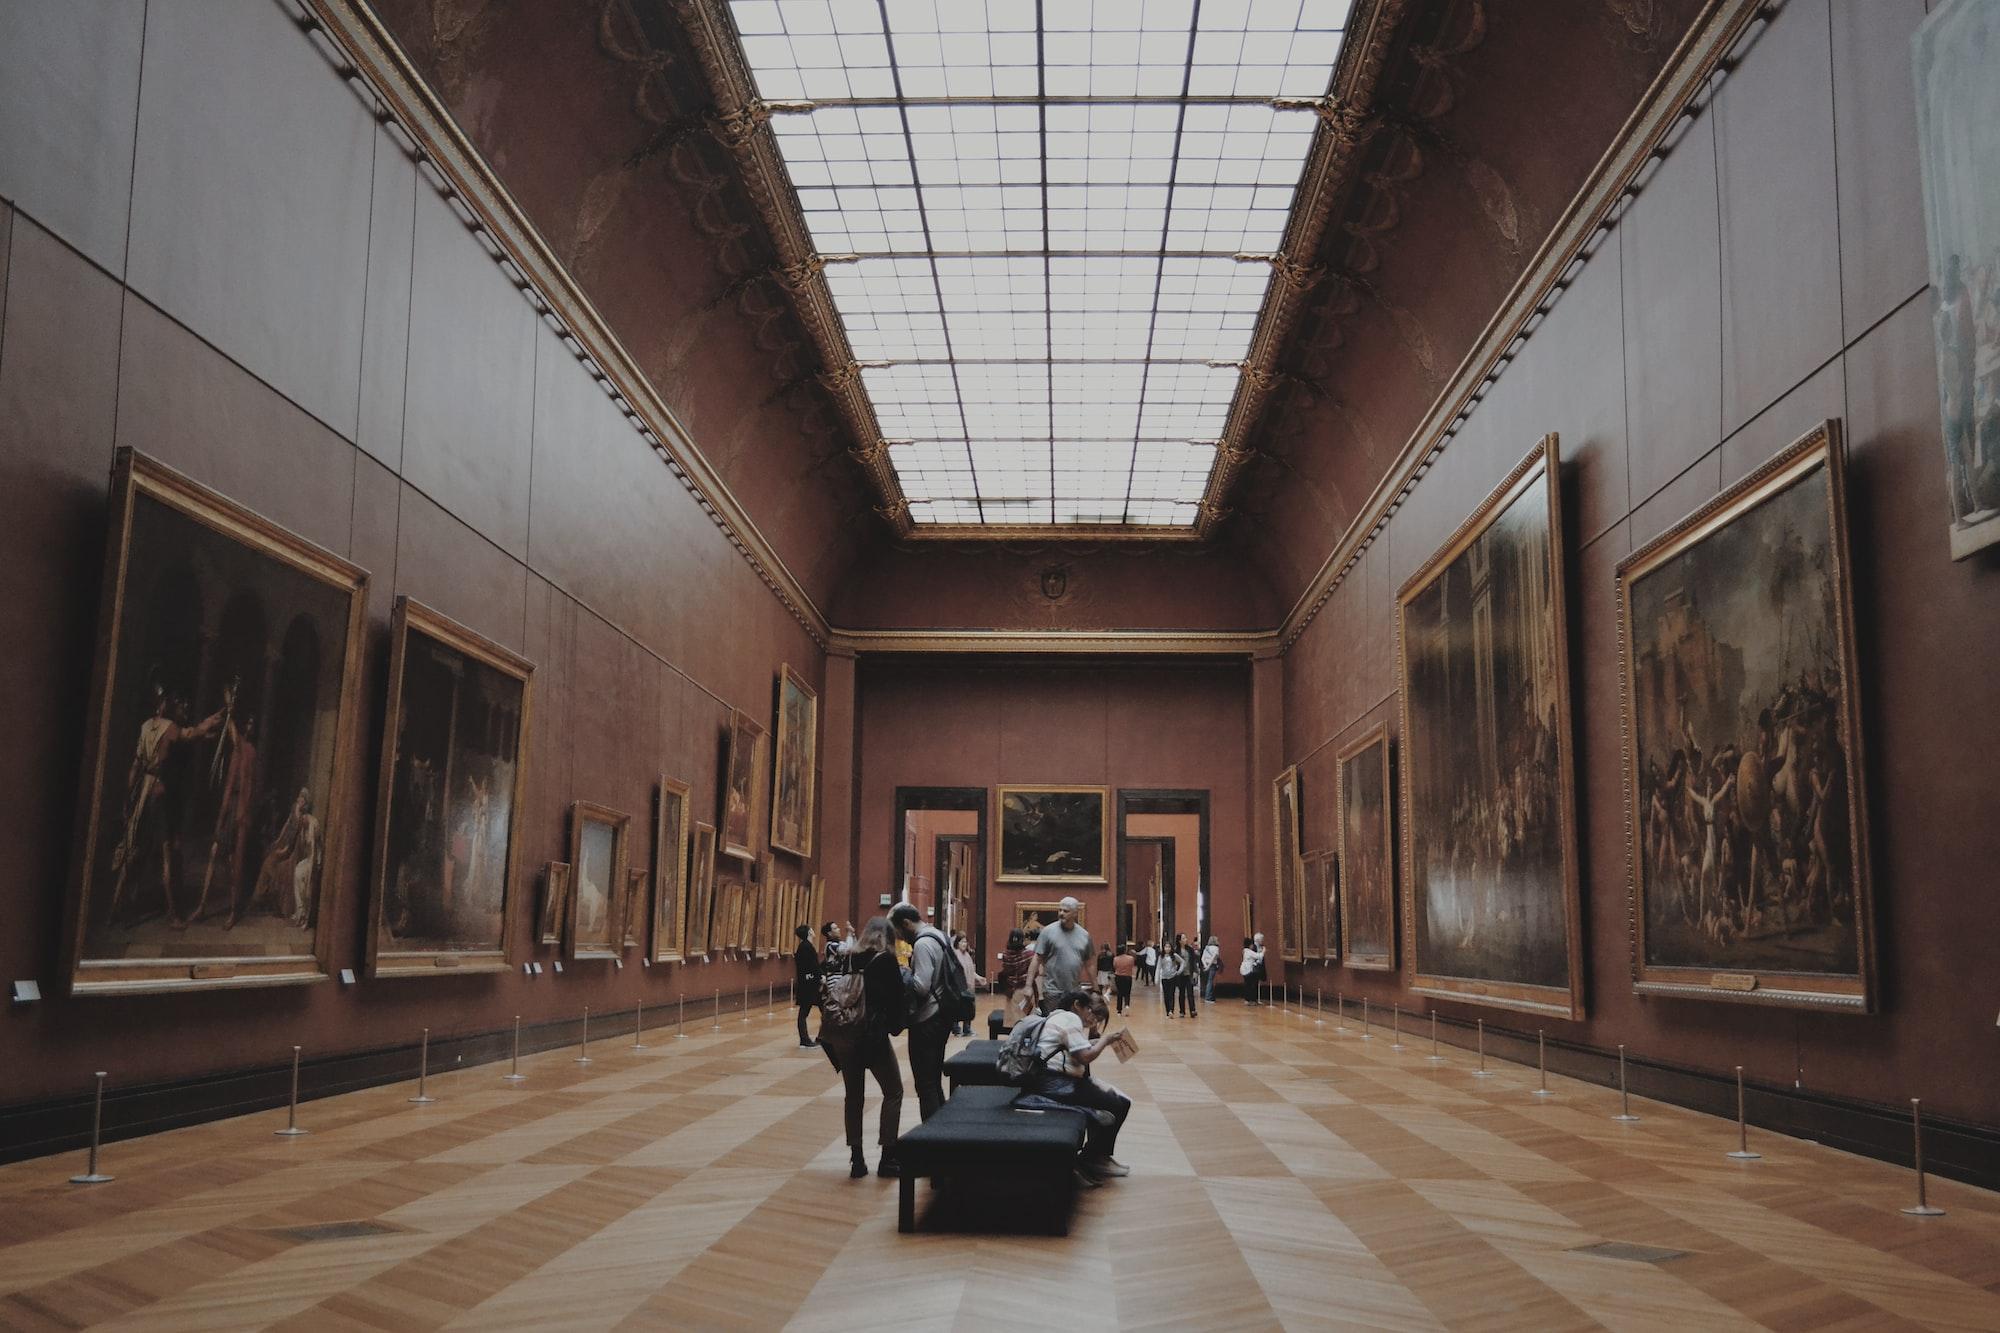 Braucht die digitale Welt noch Museen? Eine kunstökonomische Analyse